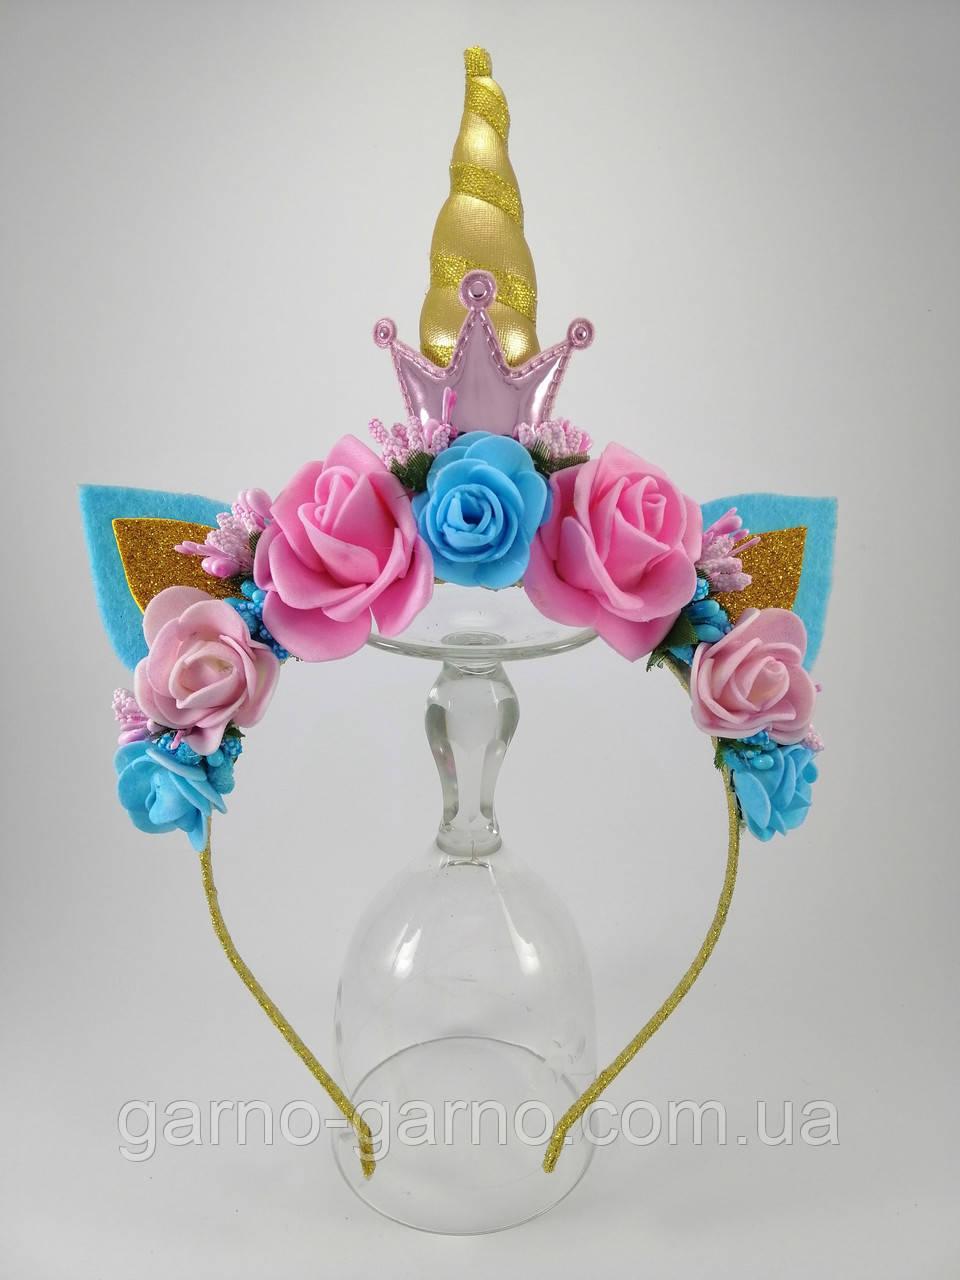 Єдиноріг обруч для волосся Золотий ріг з Рожевою короною Блакитний